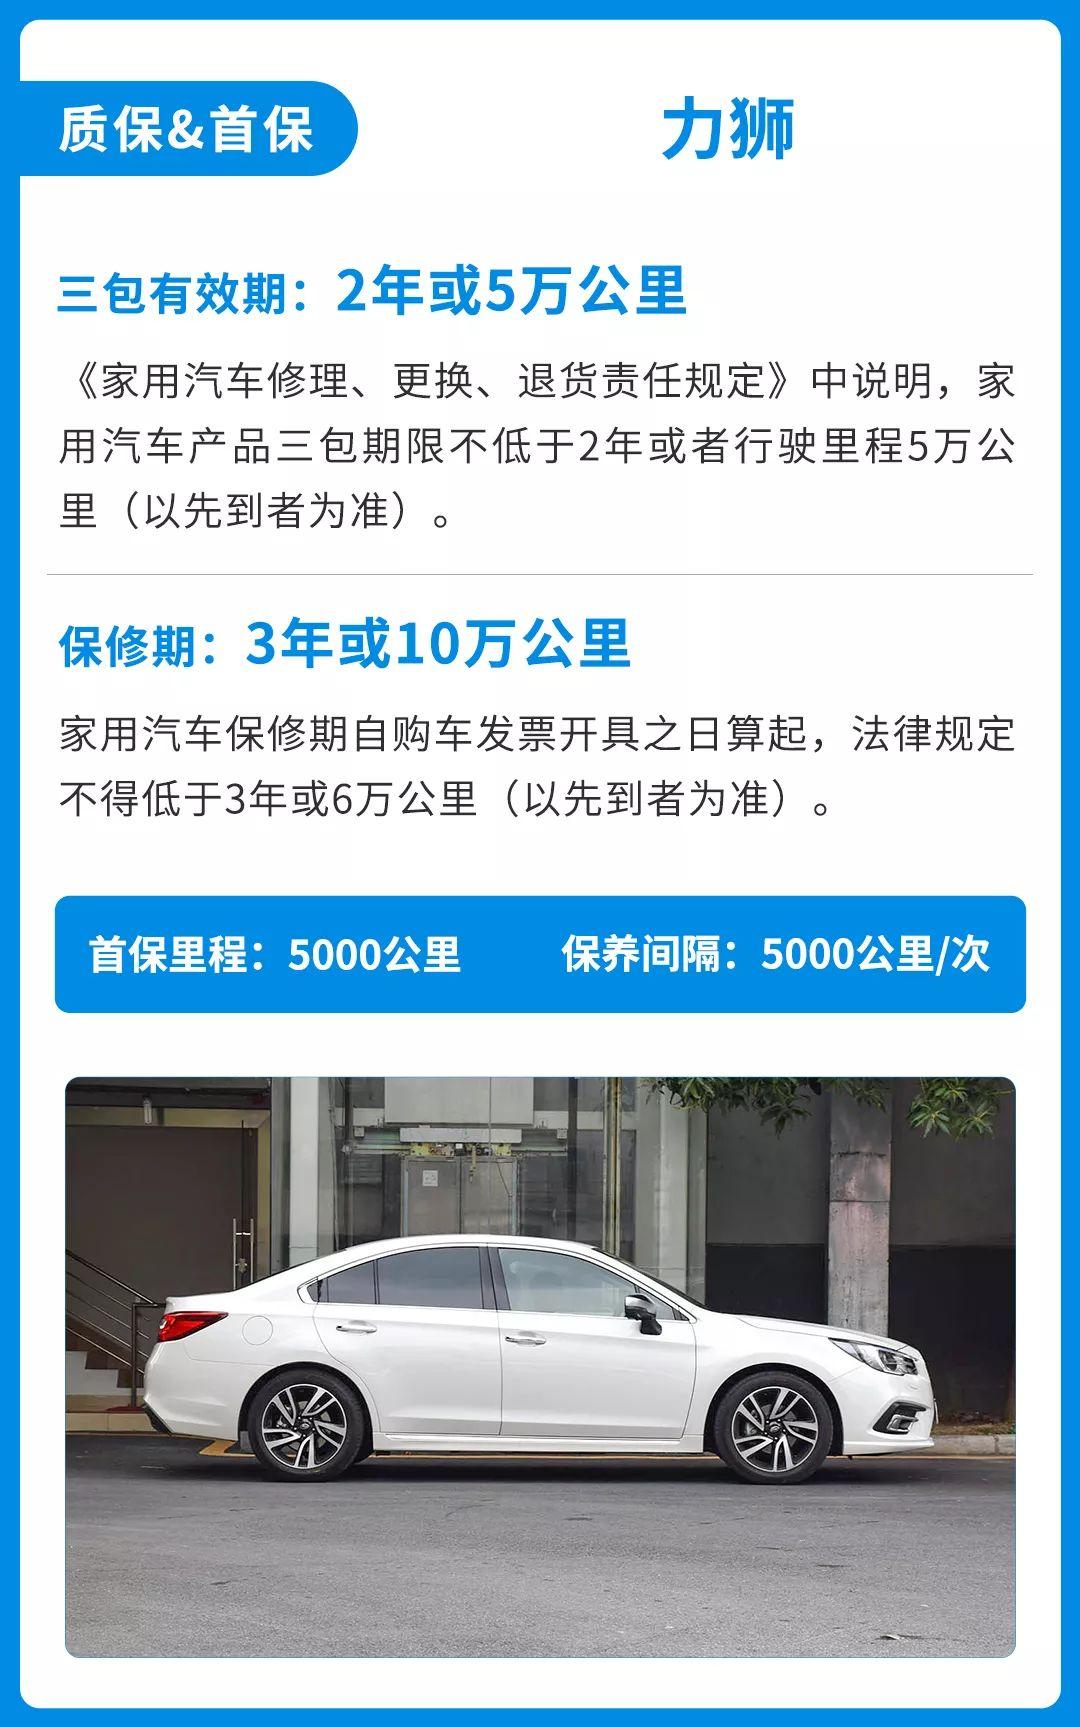 全进口品质+标配四驱,只要20万起这台低调B级车,好养吗